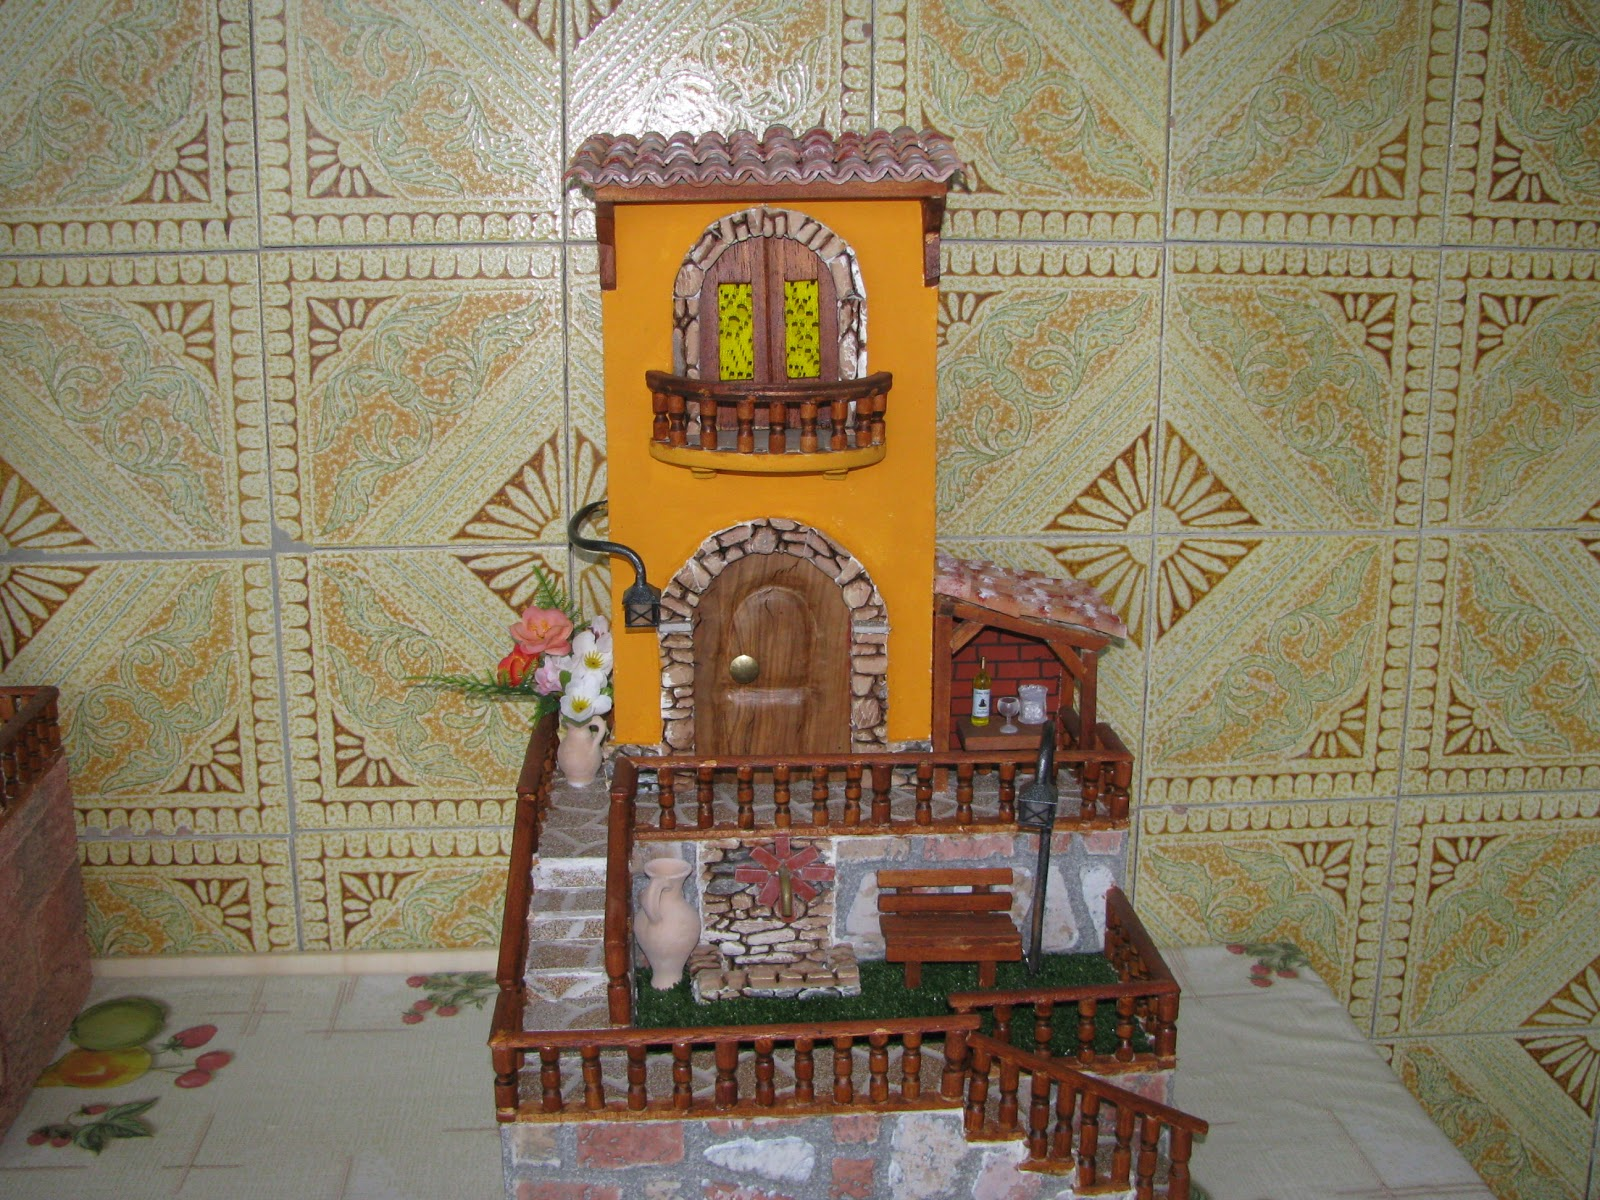 Casa immobiliare accessori mattoncini decorativi for Parati decorativi